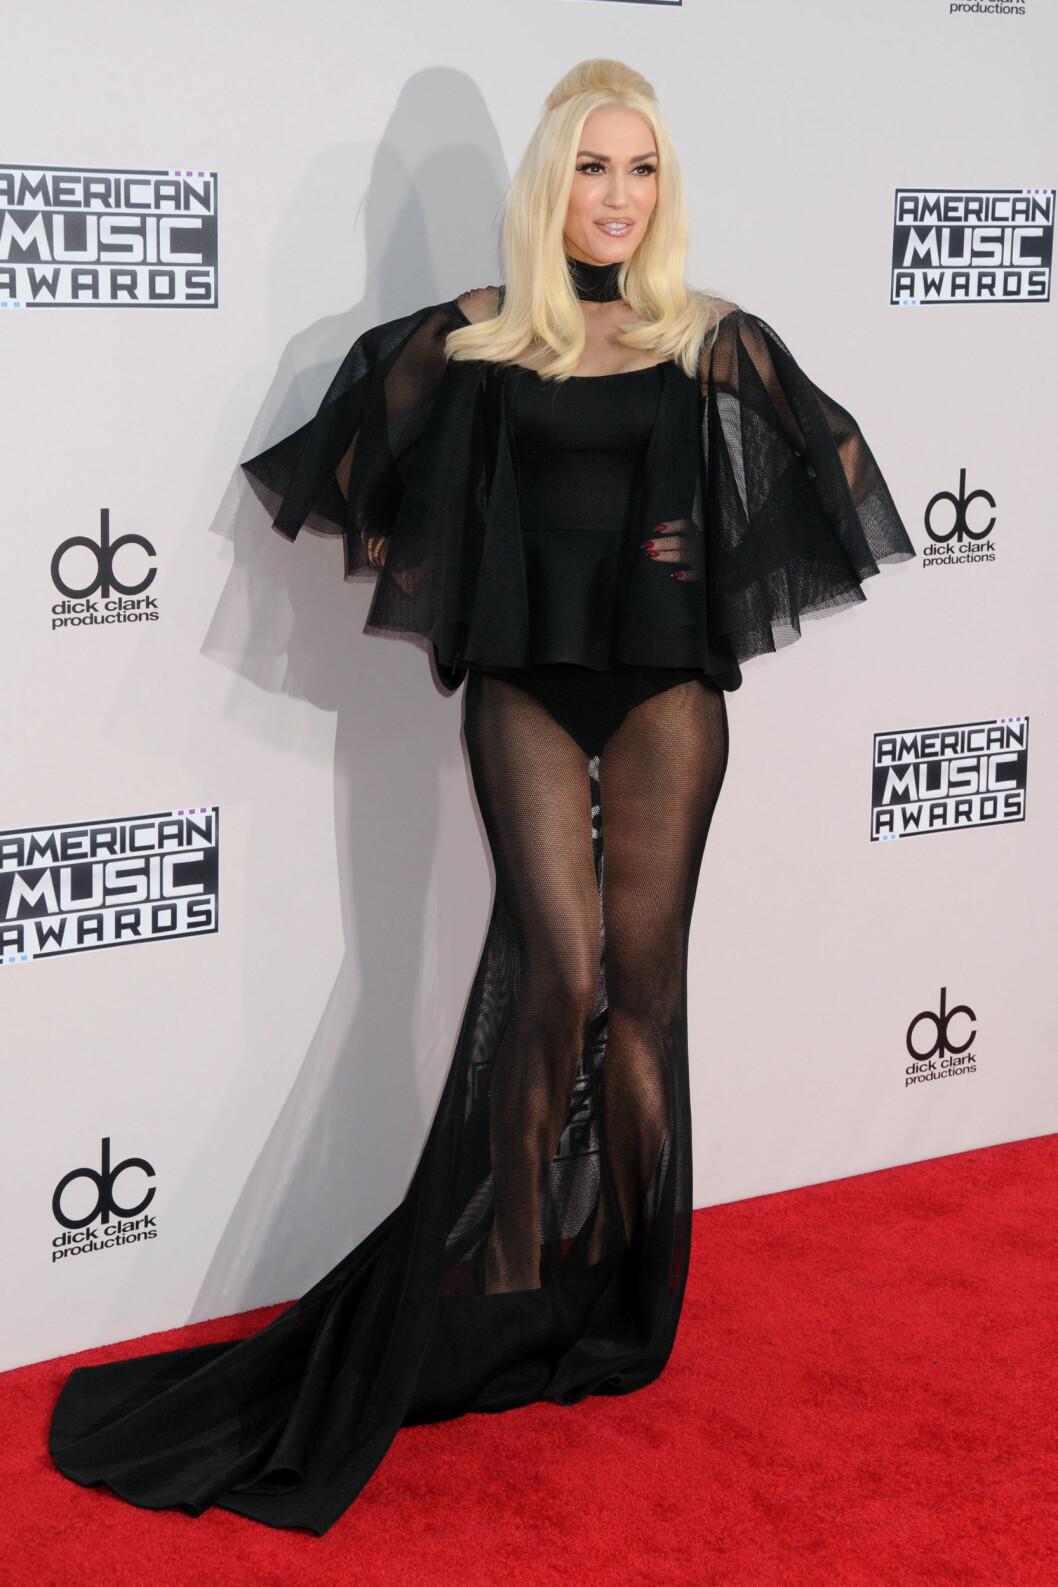 <strong>MOTEIKON:</strong> Gwen Stefani havner som oftest på listen over de best kledde kjendisene, men bommet helt under American Music Awards i november. Blondinen valgte en gjennomsiktig havfruekjole, med et tyll-slør over overkroppen. - Det ser ut som om hun har tatt på seg en body og viklet seg inn i sort stoff, skrev avisen The Mirror som sammenlignet artisten med en flaggermus.  Foto: SipaUSA